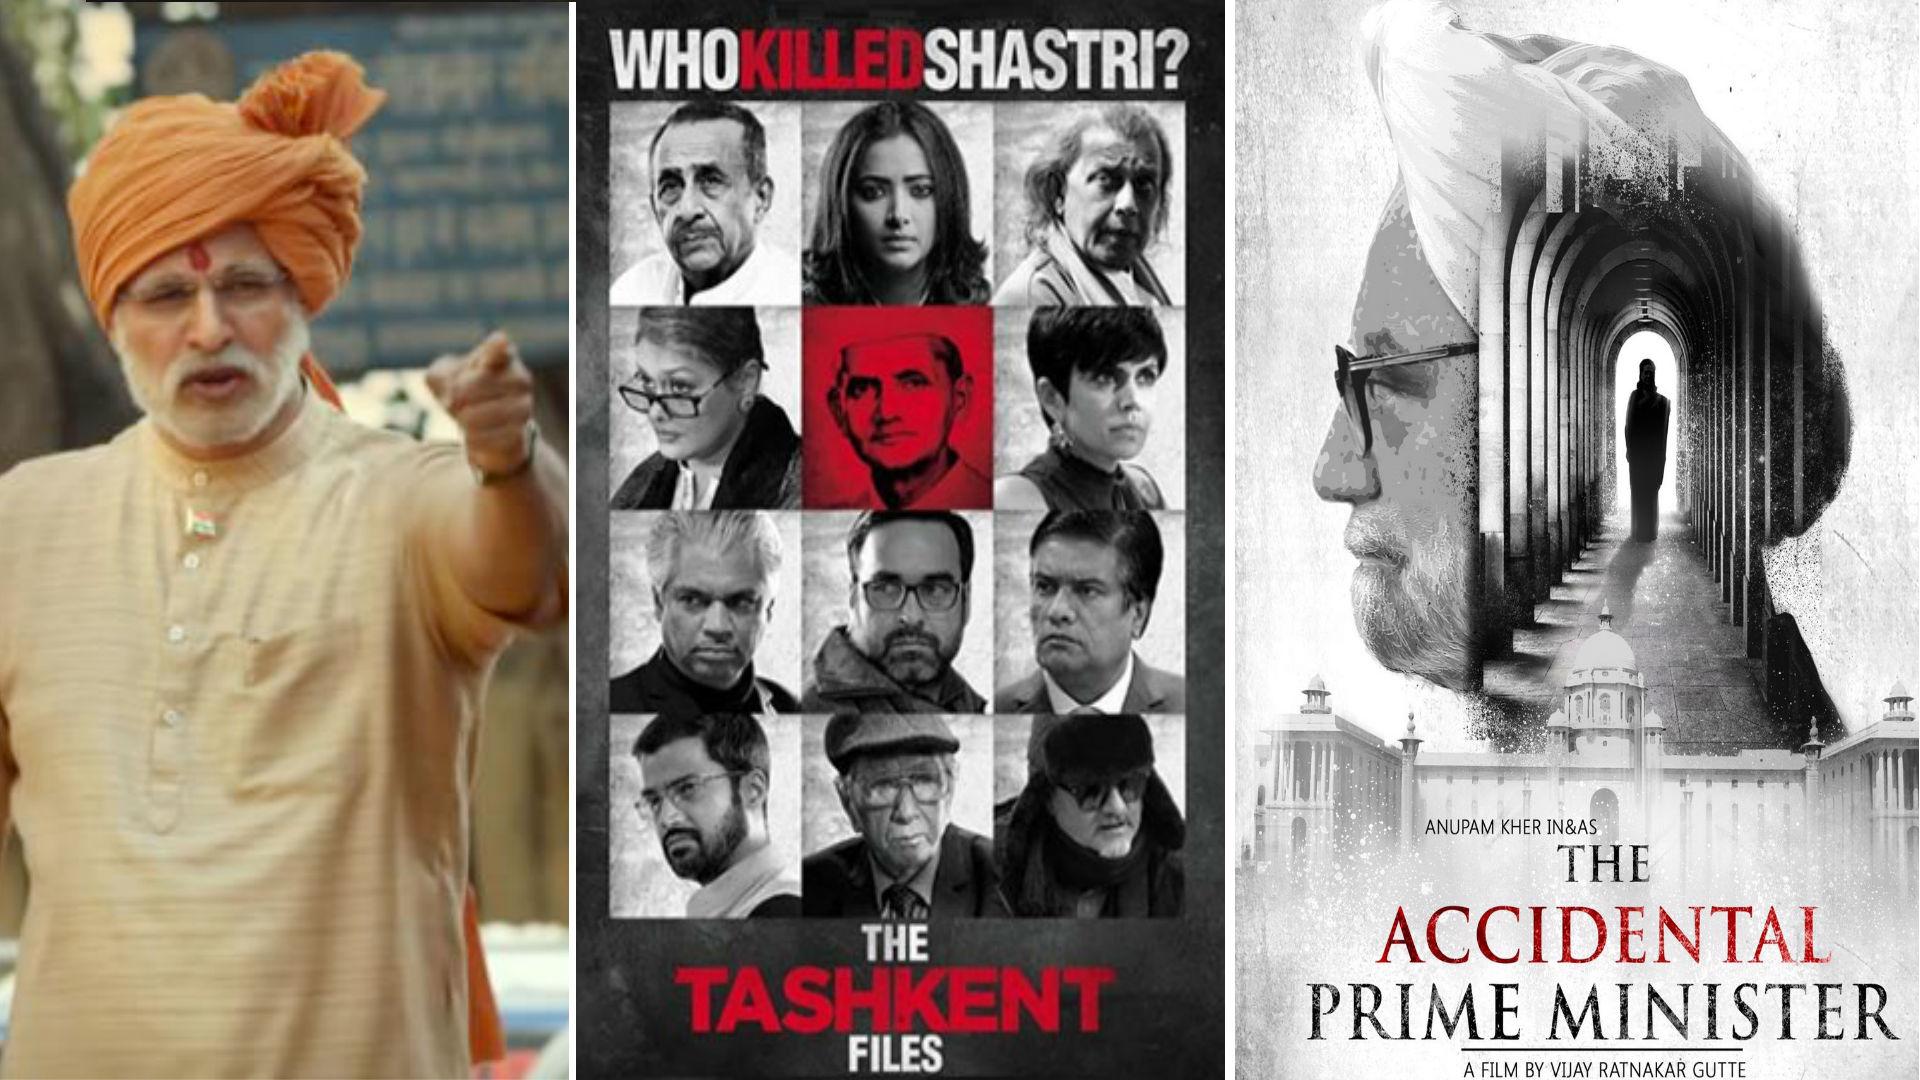 लोकसभा चुनाव में इस बार लगा है बॉलीवुड का जबरदस्त तड़का, खूब सुर्खियों में रहे इन फिल्मों से जुड़े विवाद